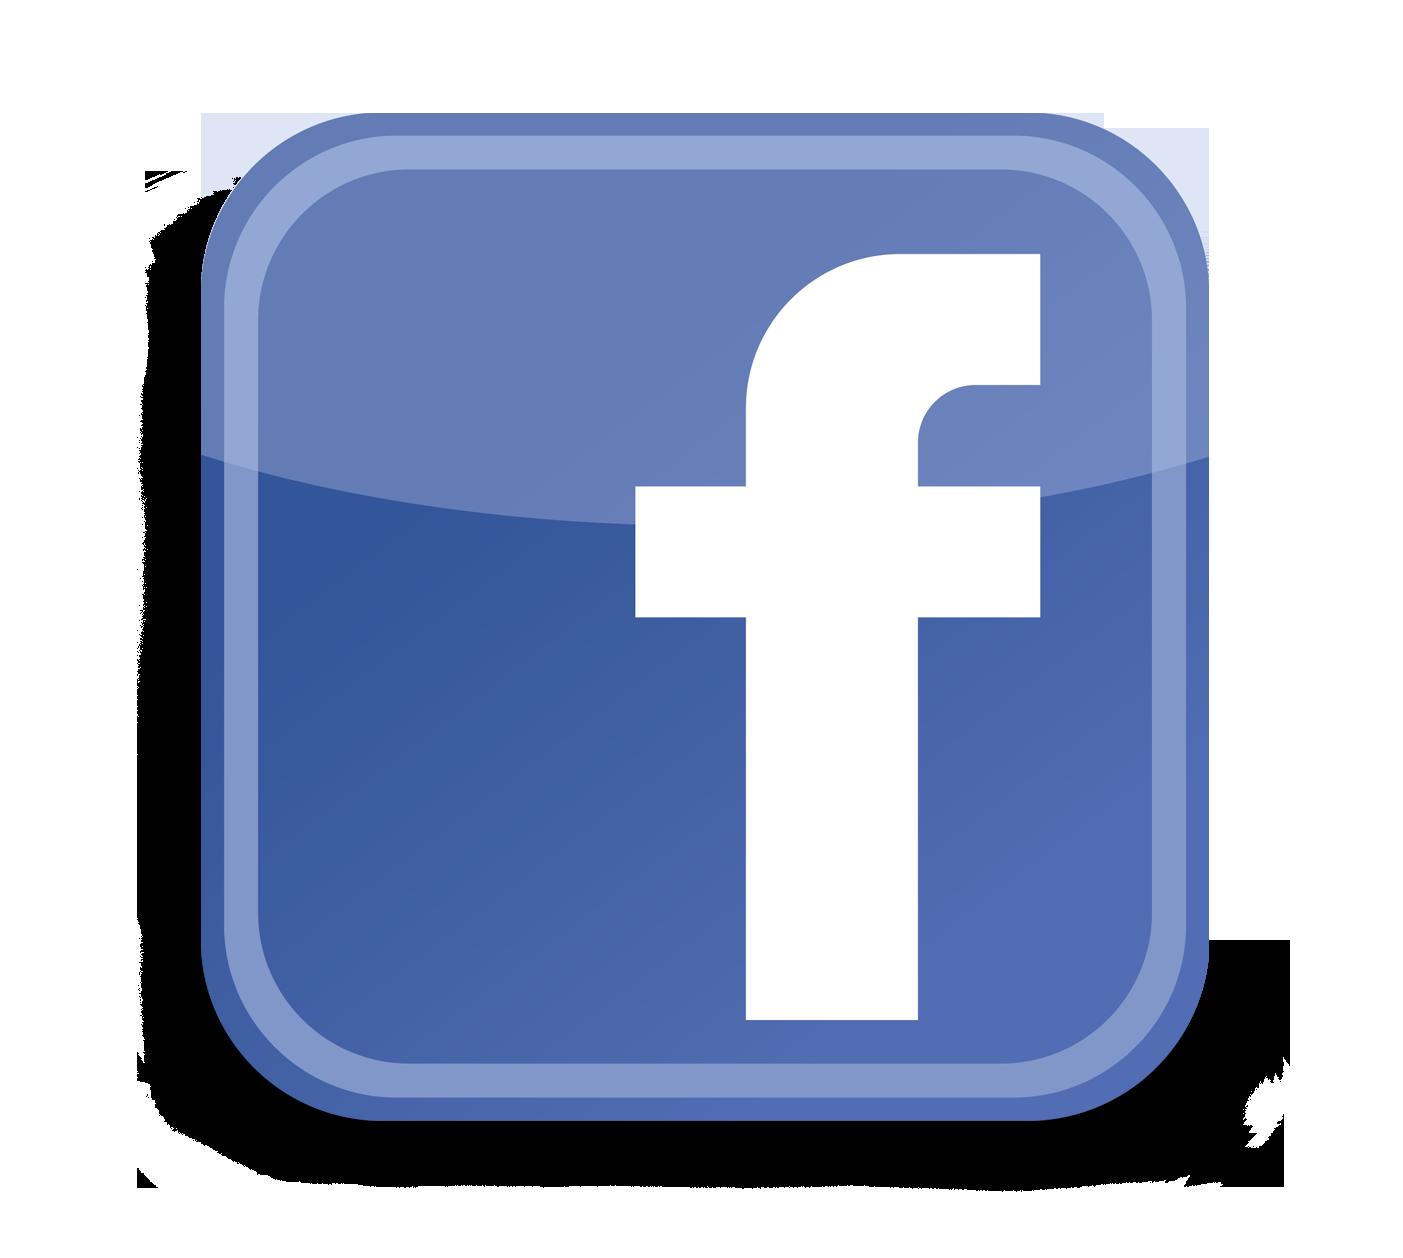 facebook-logos-png19759.png